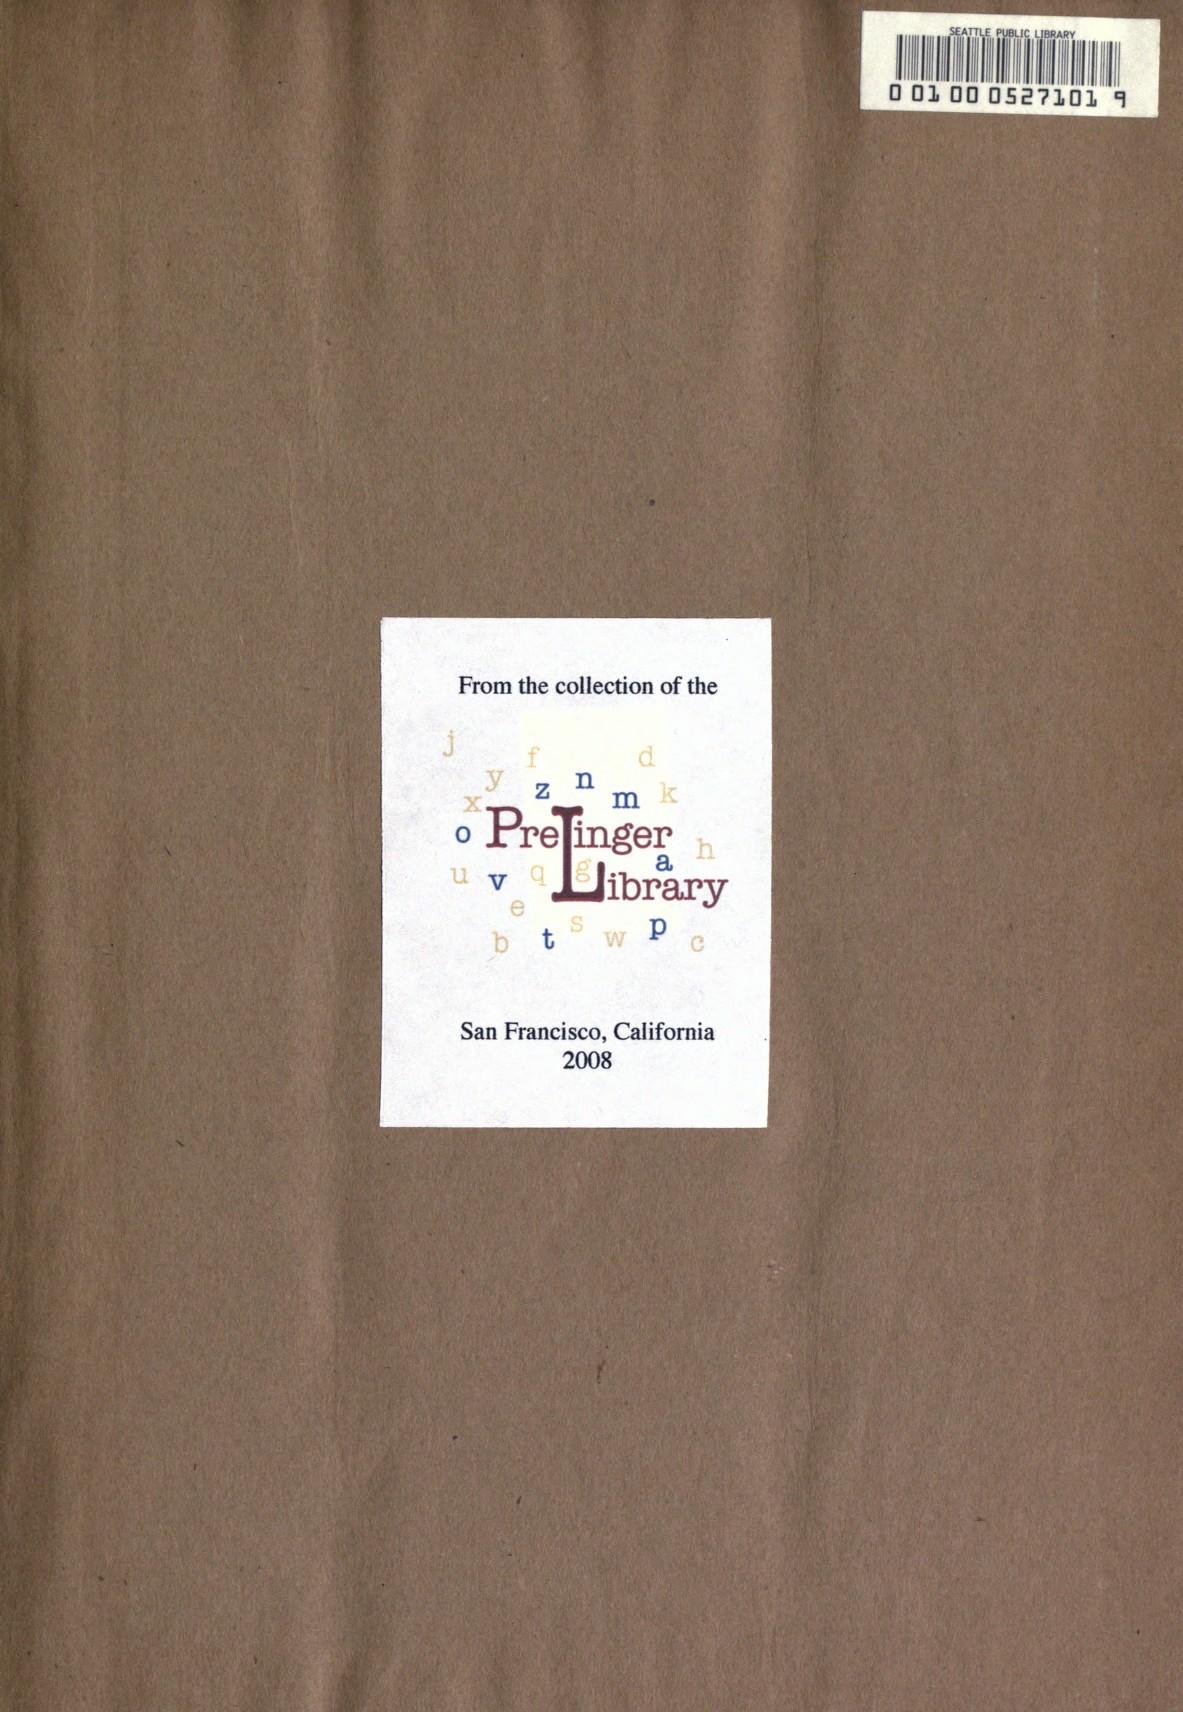 Educational192122filmmwhitrich_jp2.zip&file=educational192122filmmwhitrich_jp2%2feducational192122filmmwhitrich_0003